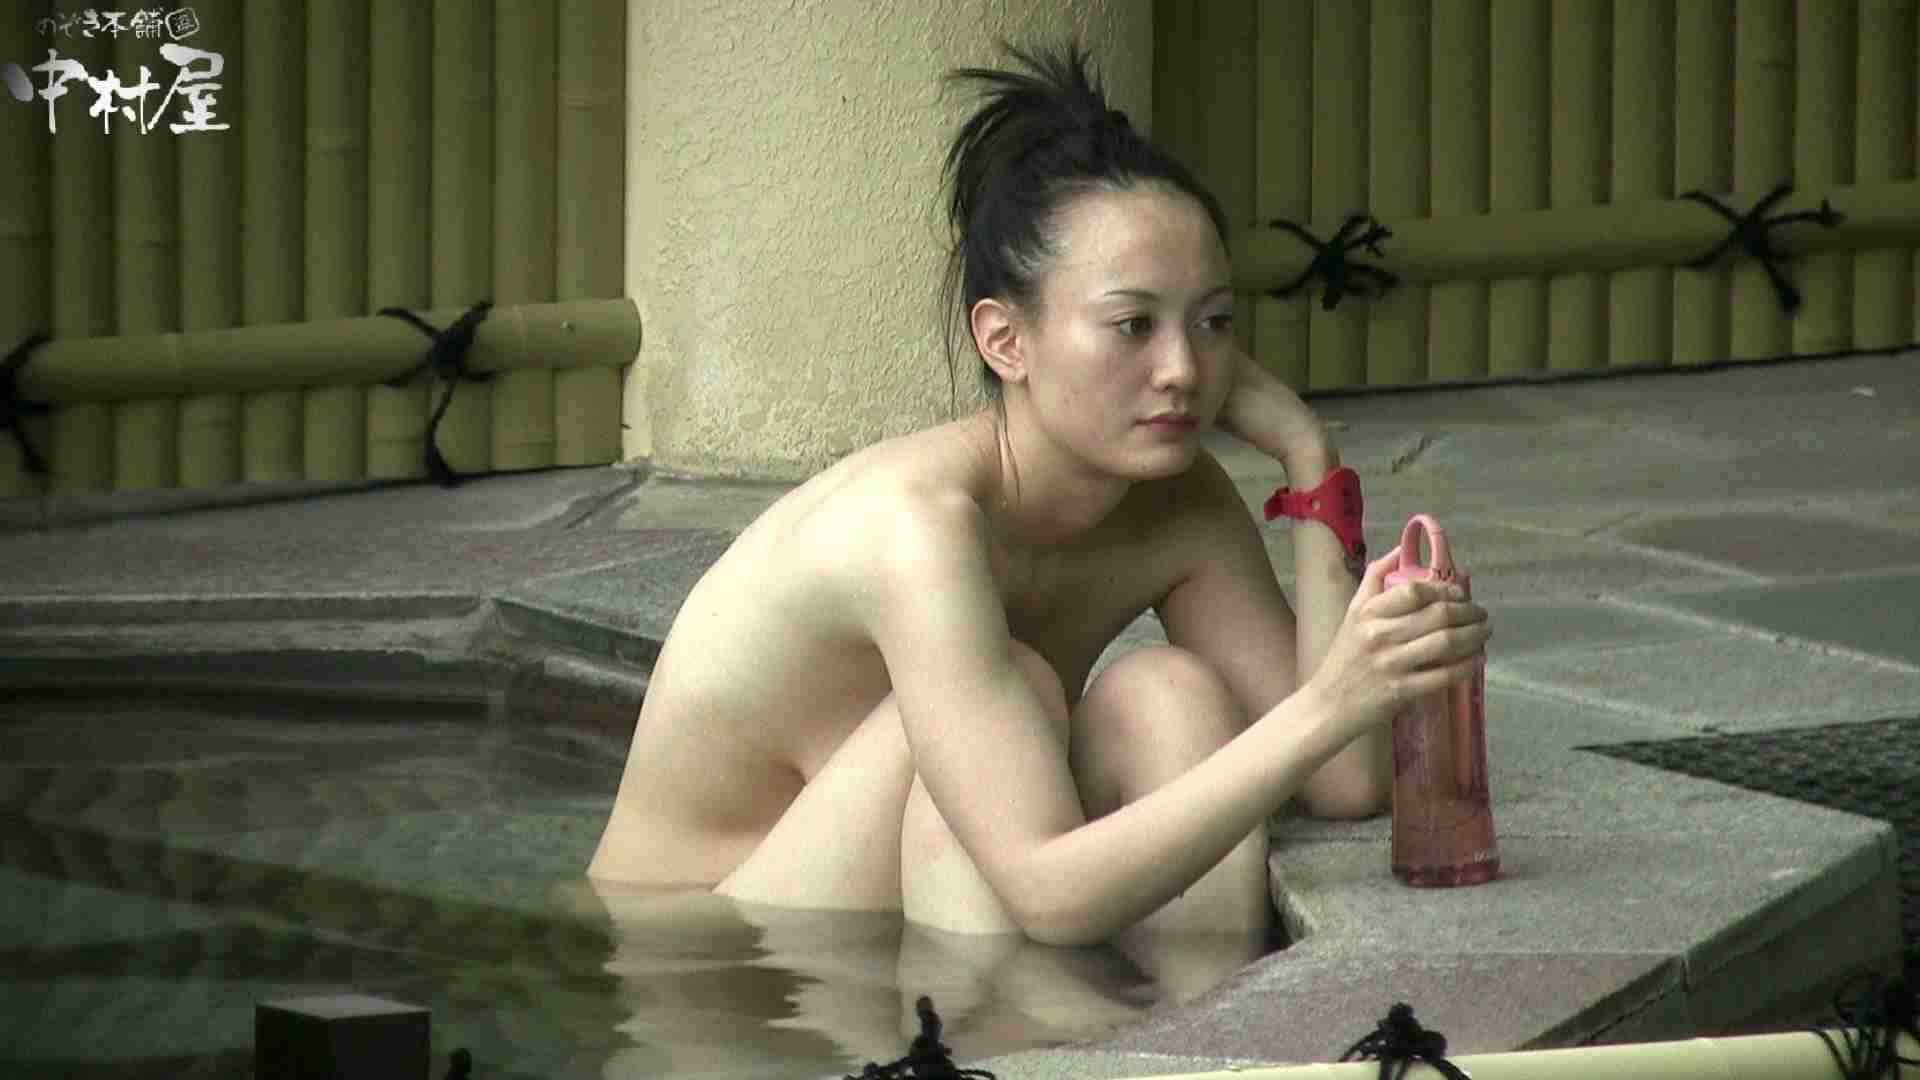 Aquaな露天風呂Vol.900 美しいOLの裸体  86pic 66